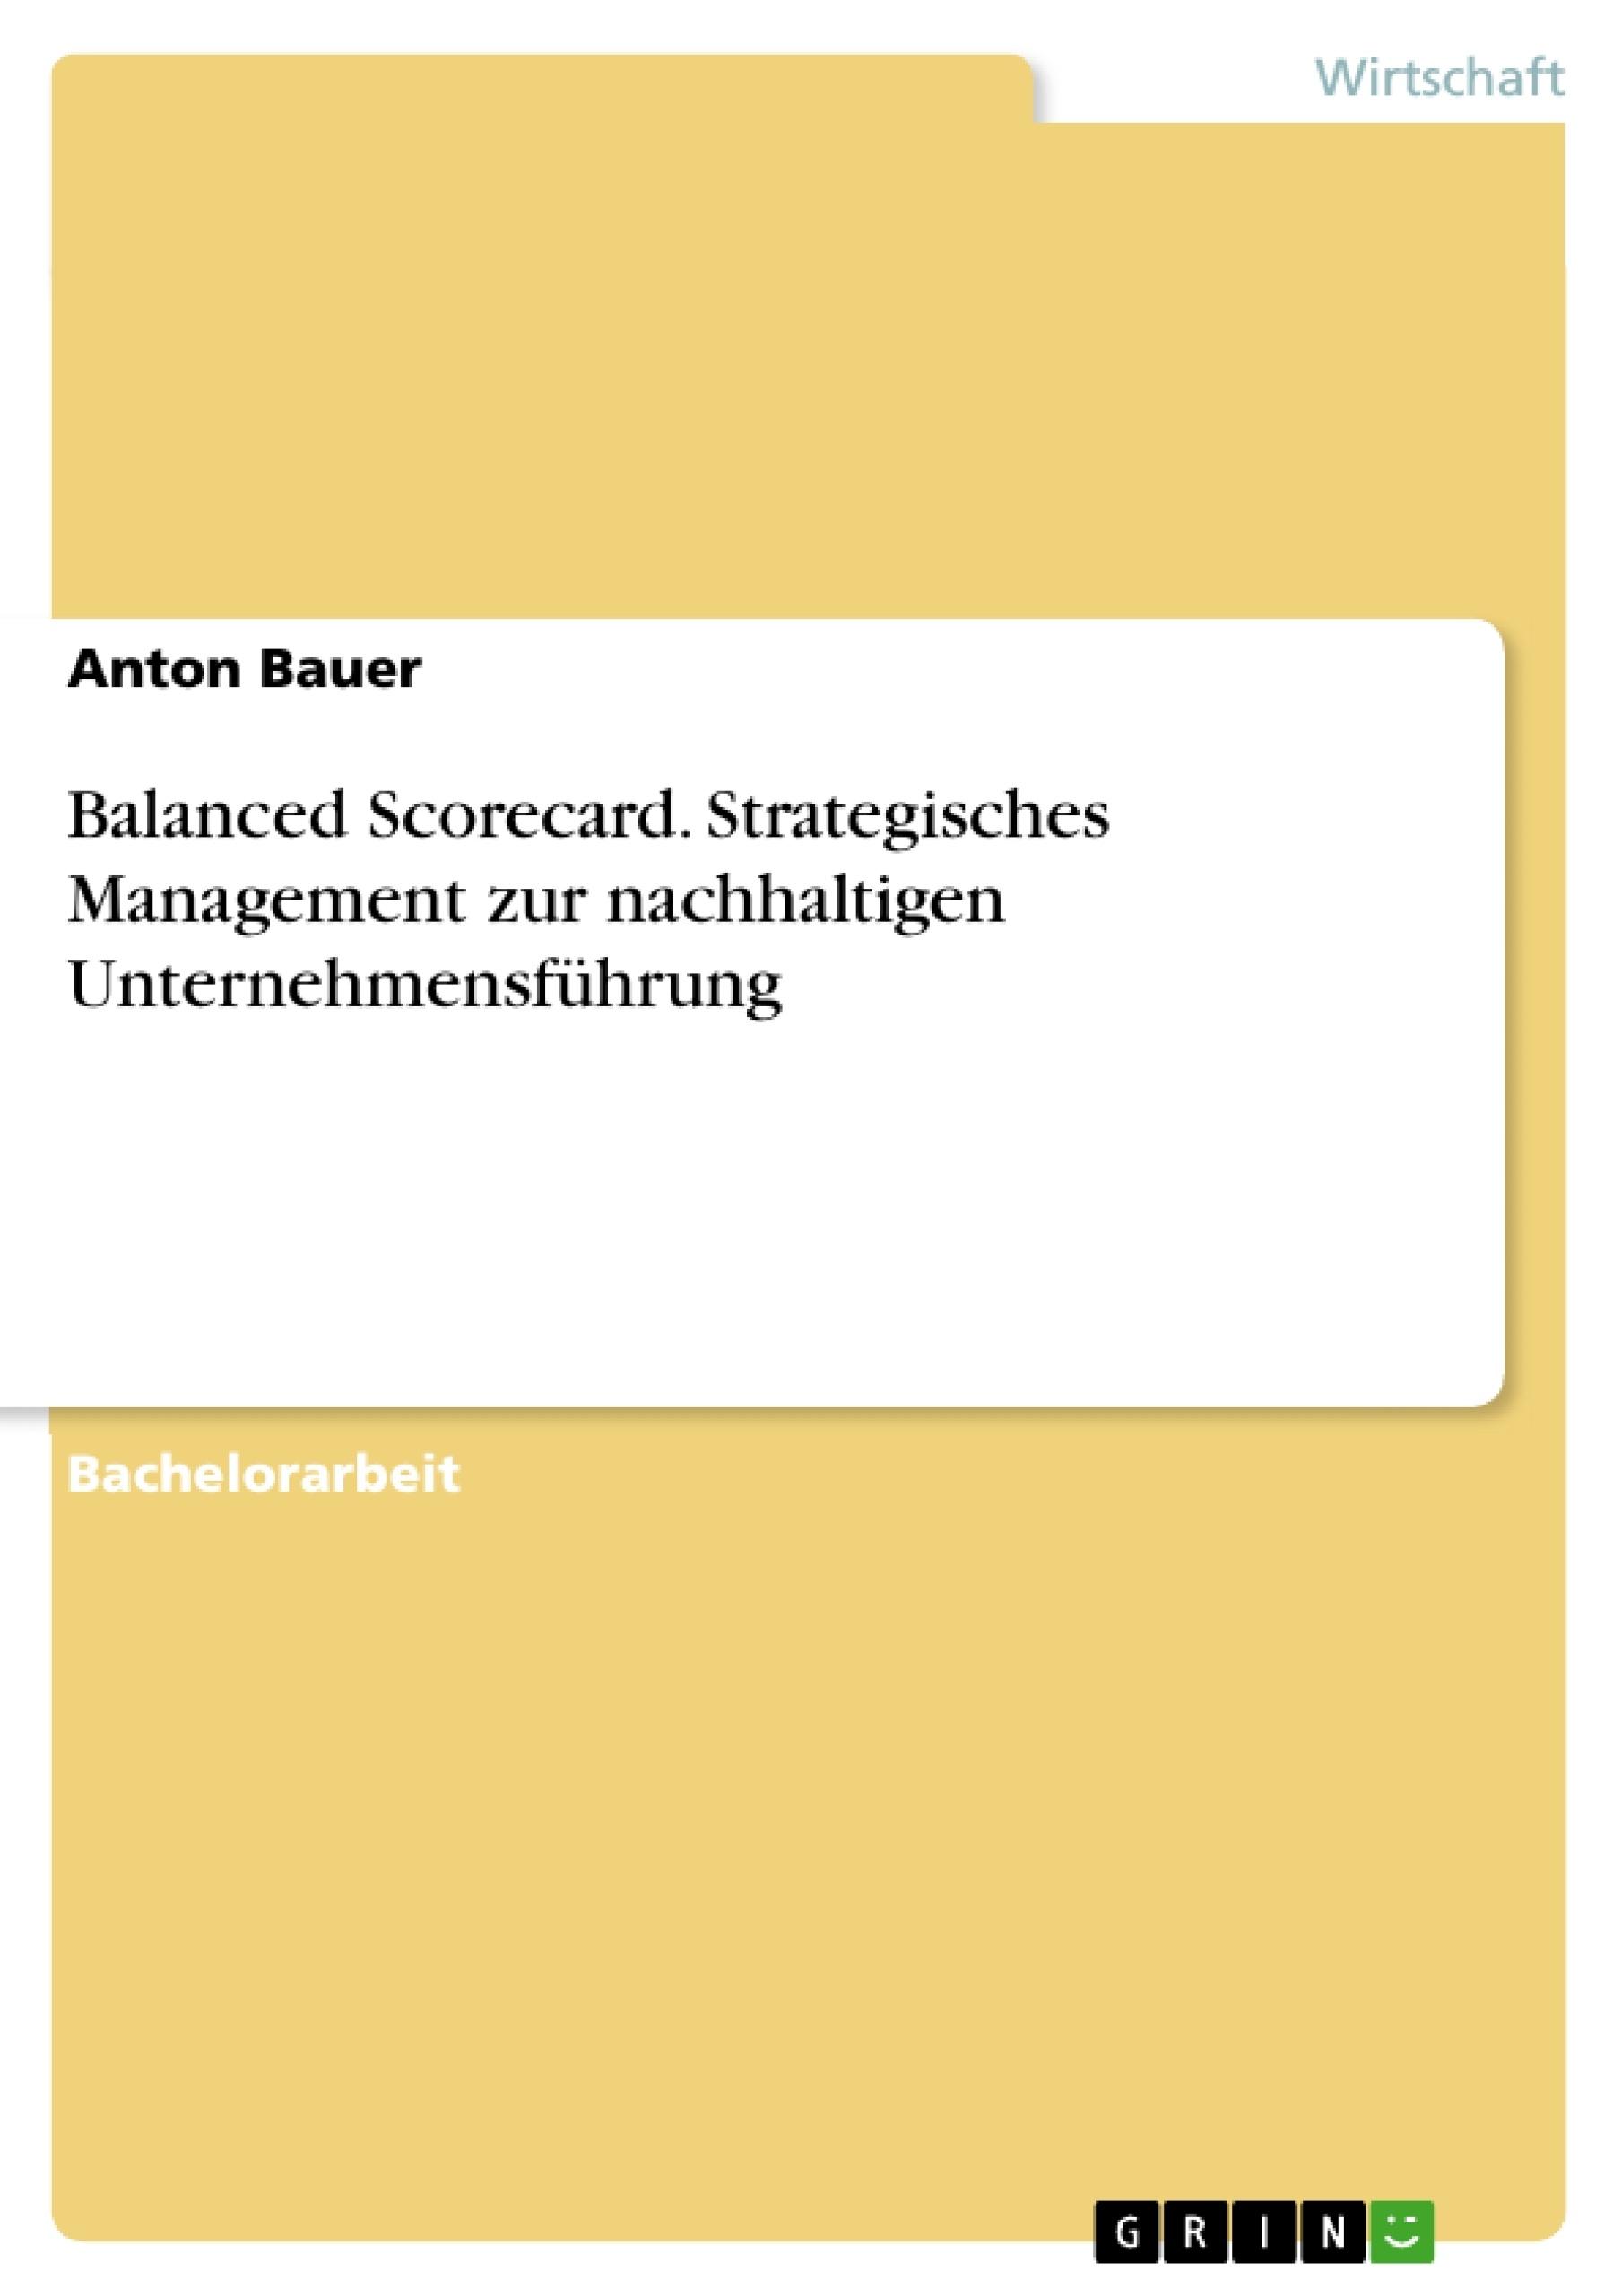 Titel: Balanced Scorecard. Strategisches Management zur nachhaltigen Unternehmensführung